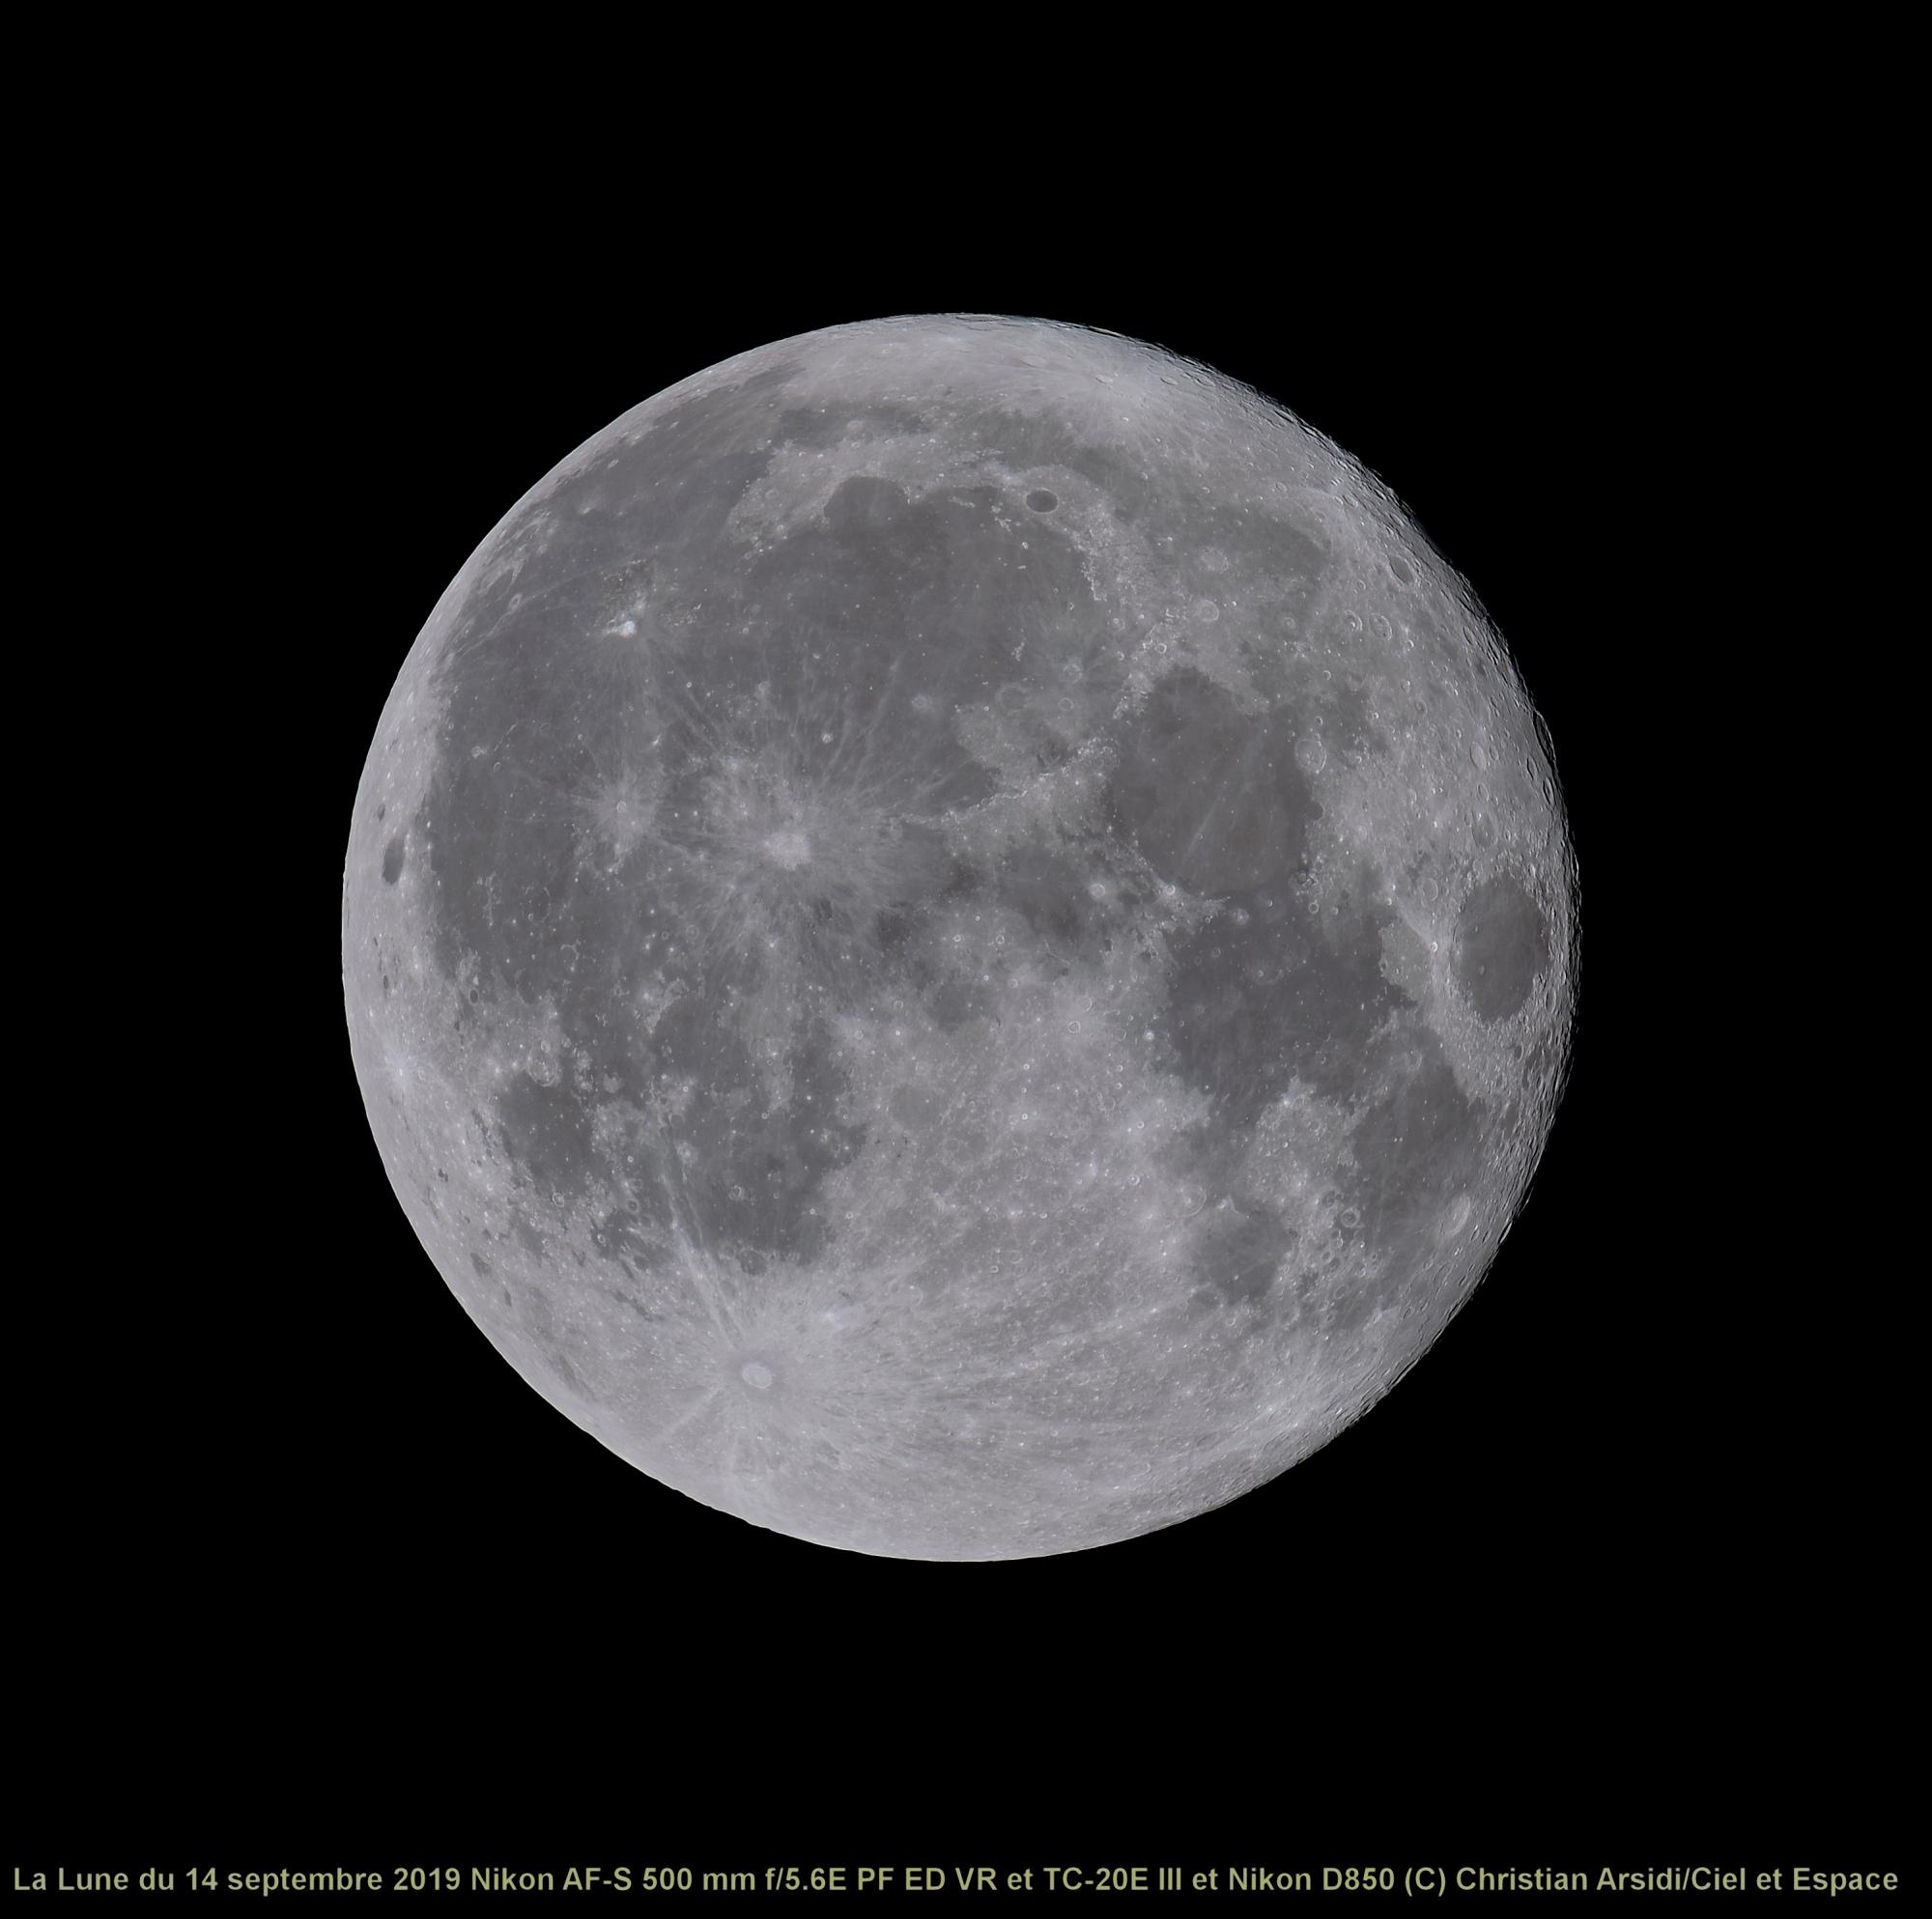 La Lune 25 images traitée_DxO-2 1 BV3 JPEG.jpg